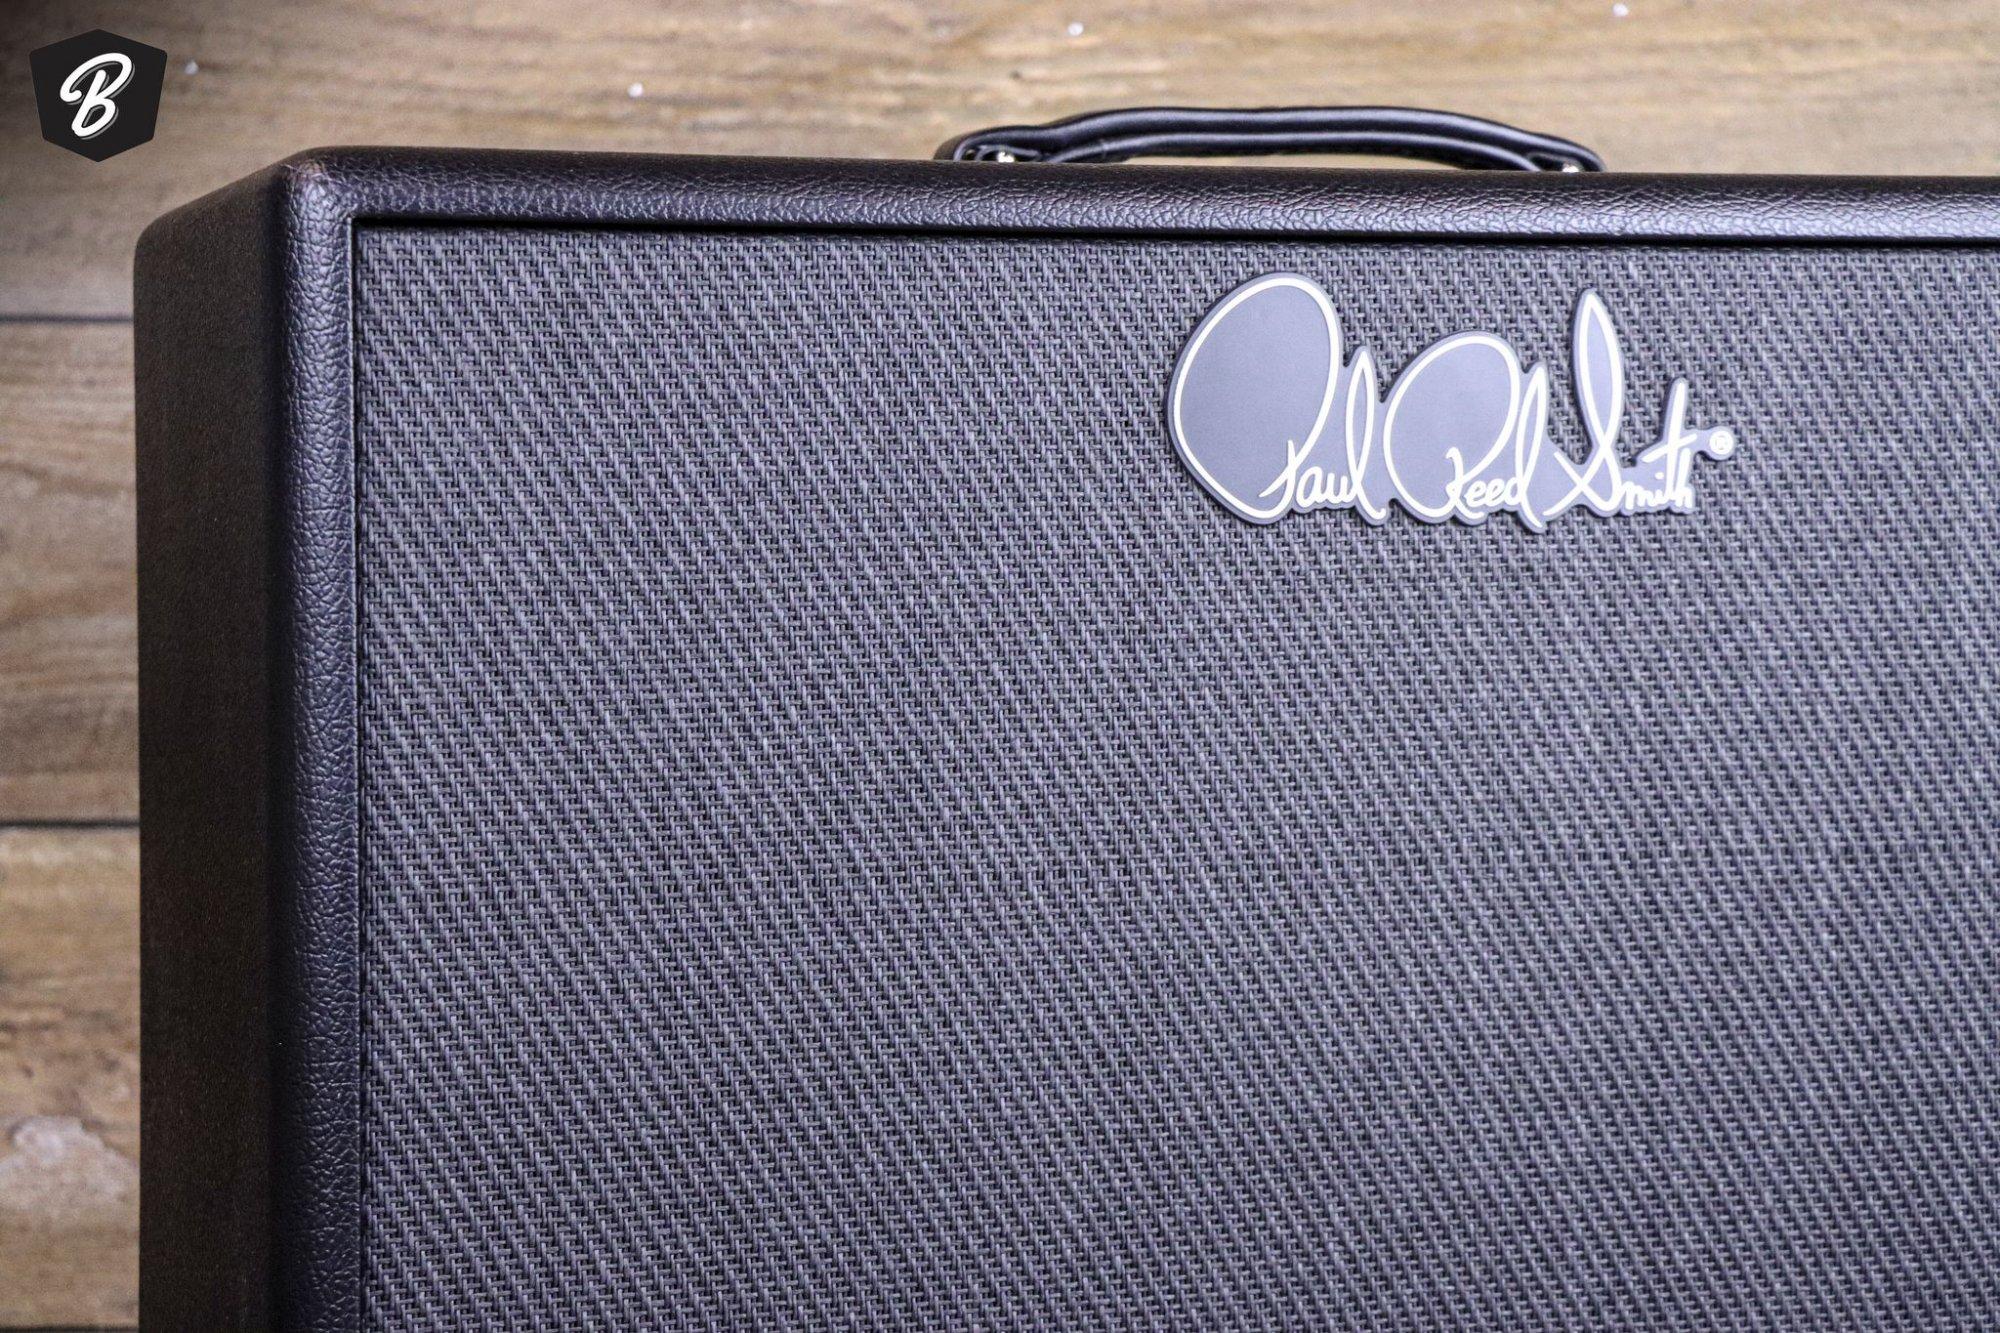 PRS Stealth 150-watt 2x12 Cabinet - Black